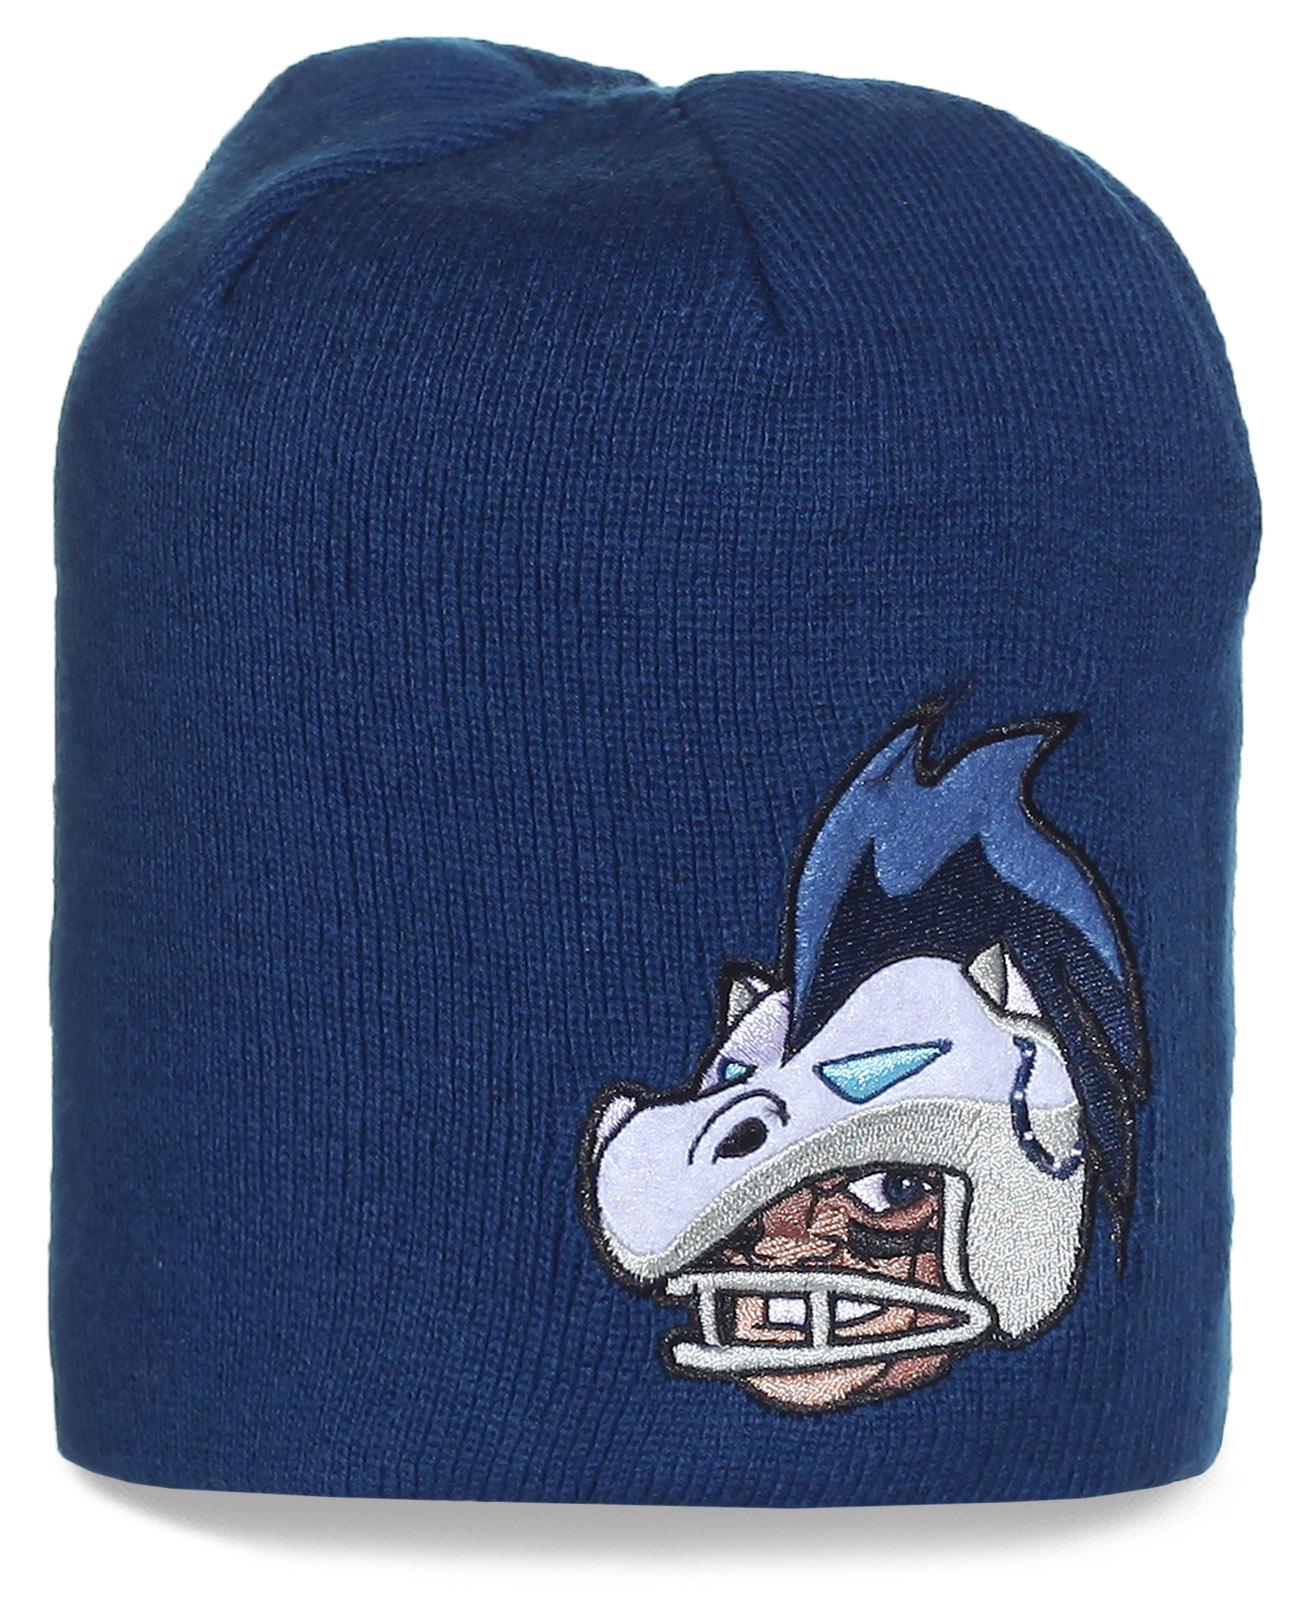 Шапка с логотипом профессионального клуба по американскому футболу Indianapolis Colts, выступающему в Национальной футбольной лиге